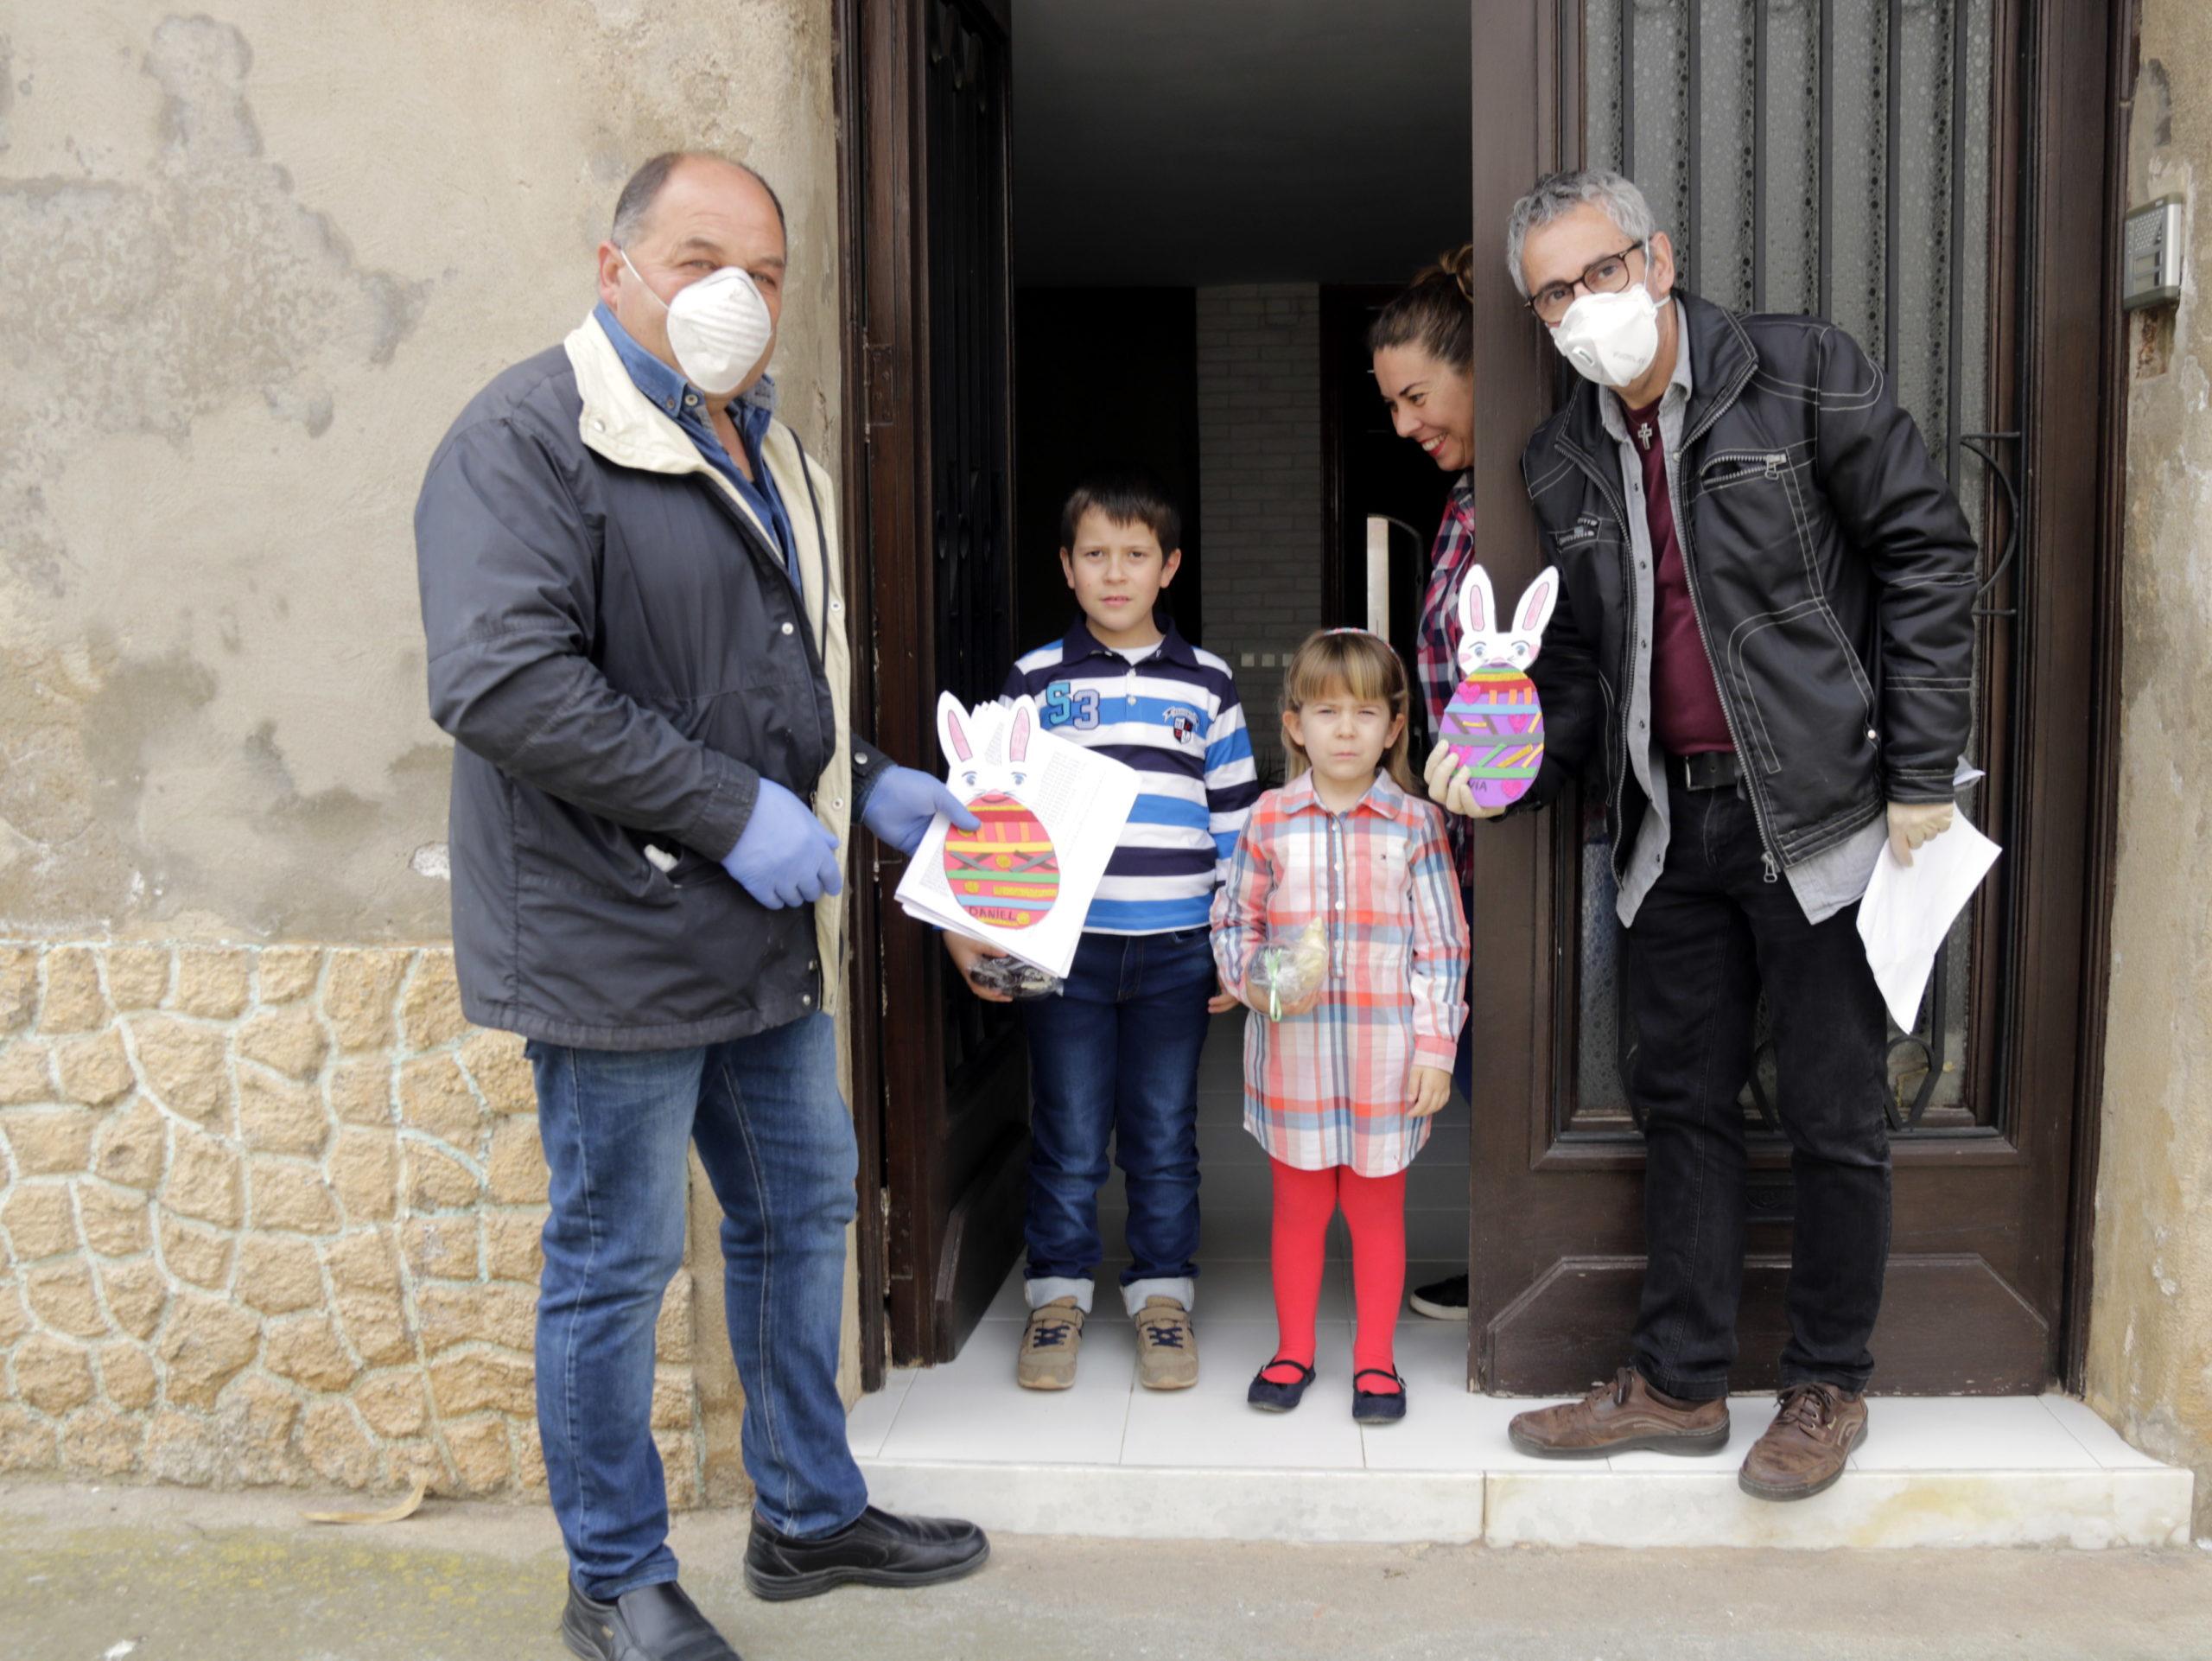 Una família del Poal després de rebre els ous de Pasqua que ha repartit l'ajuntament | ACN